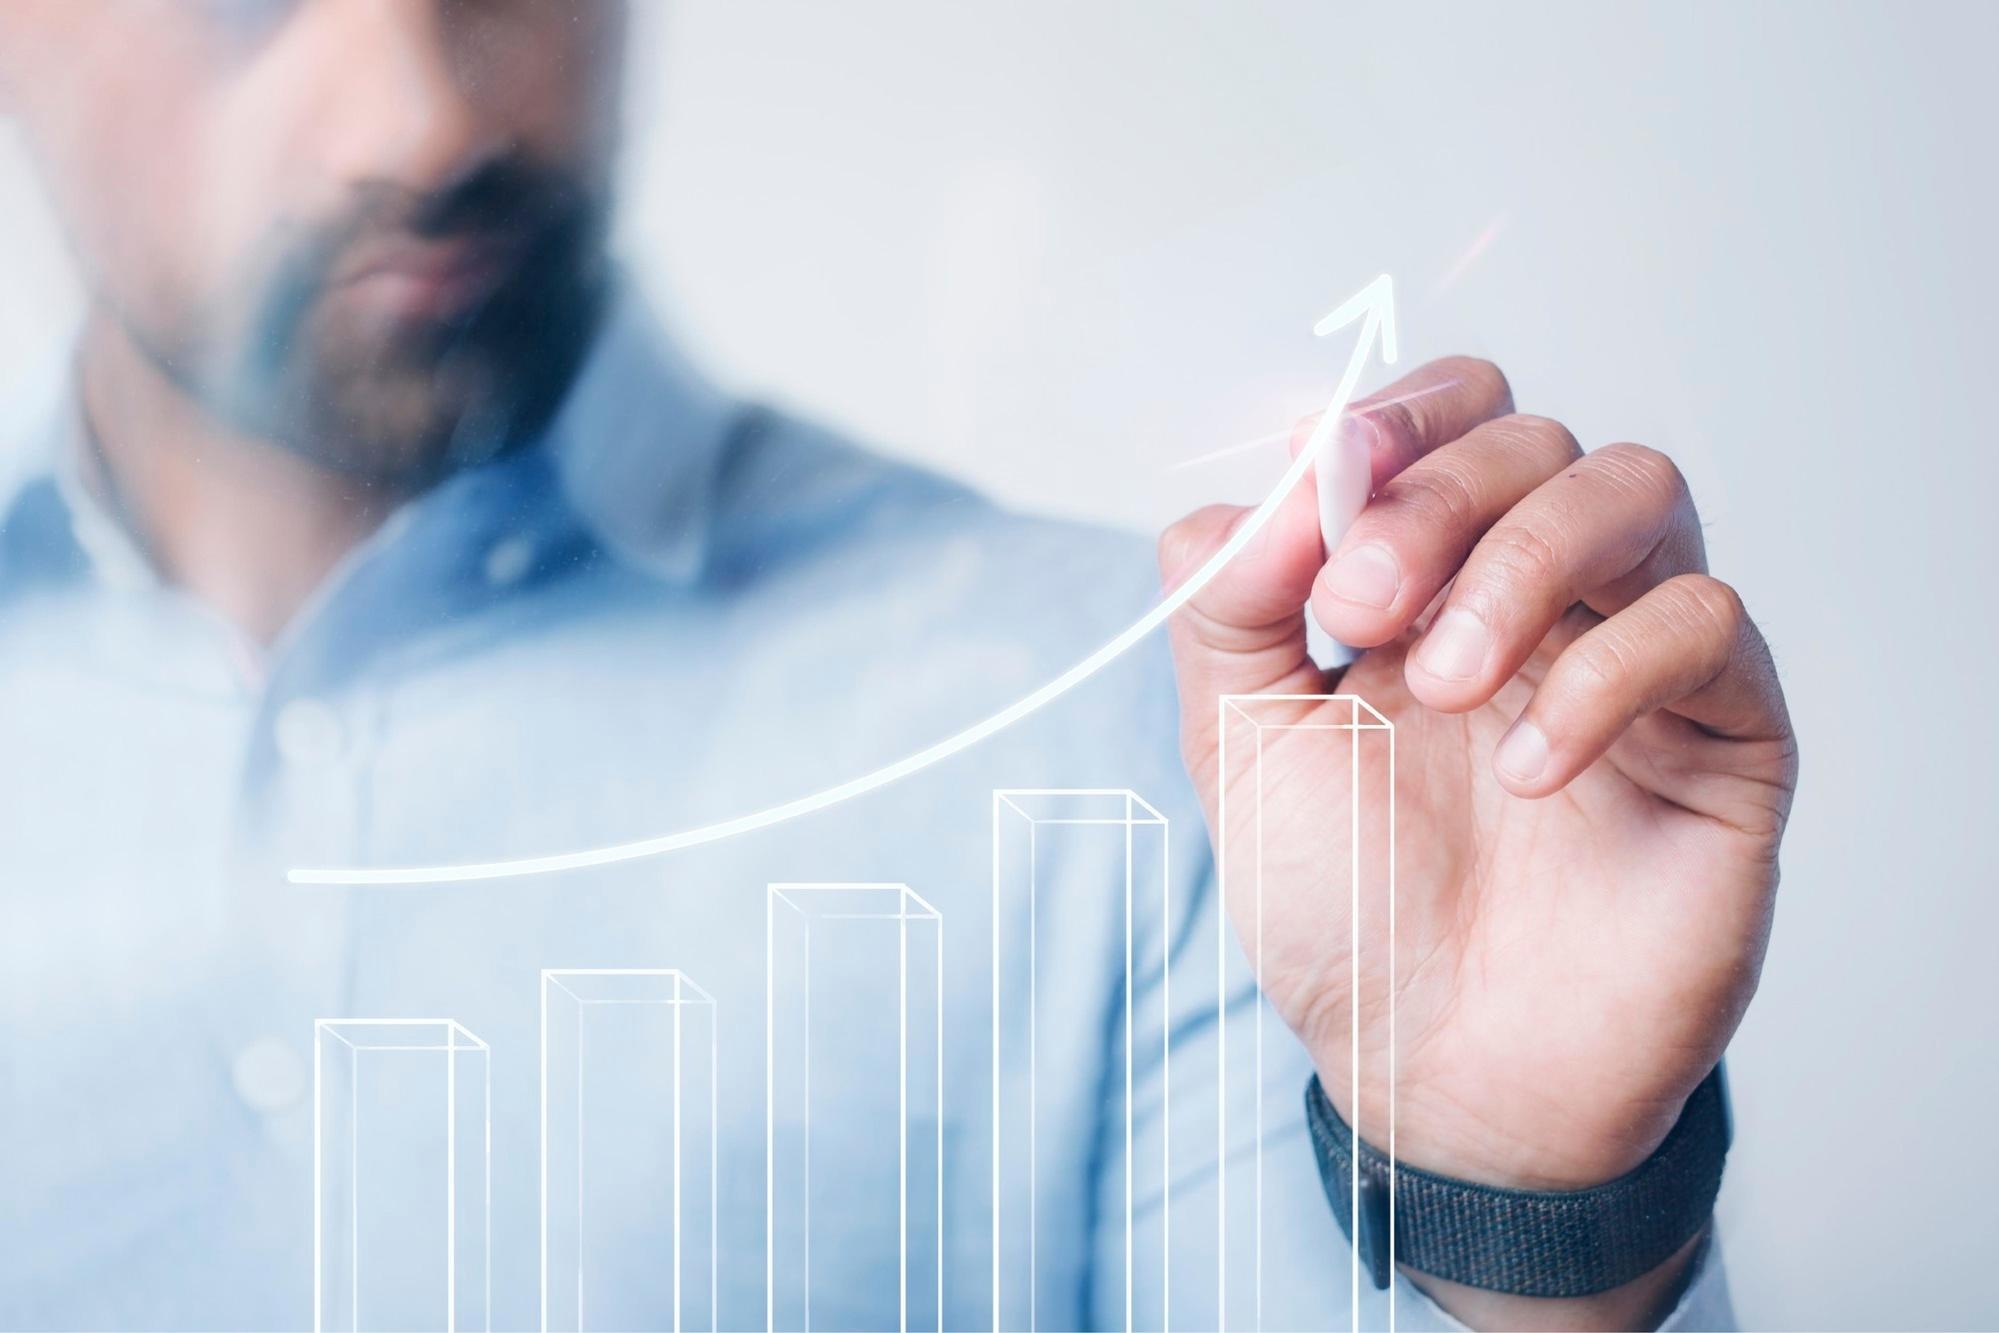 Mô hình doanh thu tạo ra lợi nhuận cho các công ty, doanh nghiệp